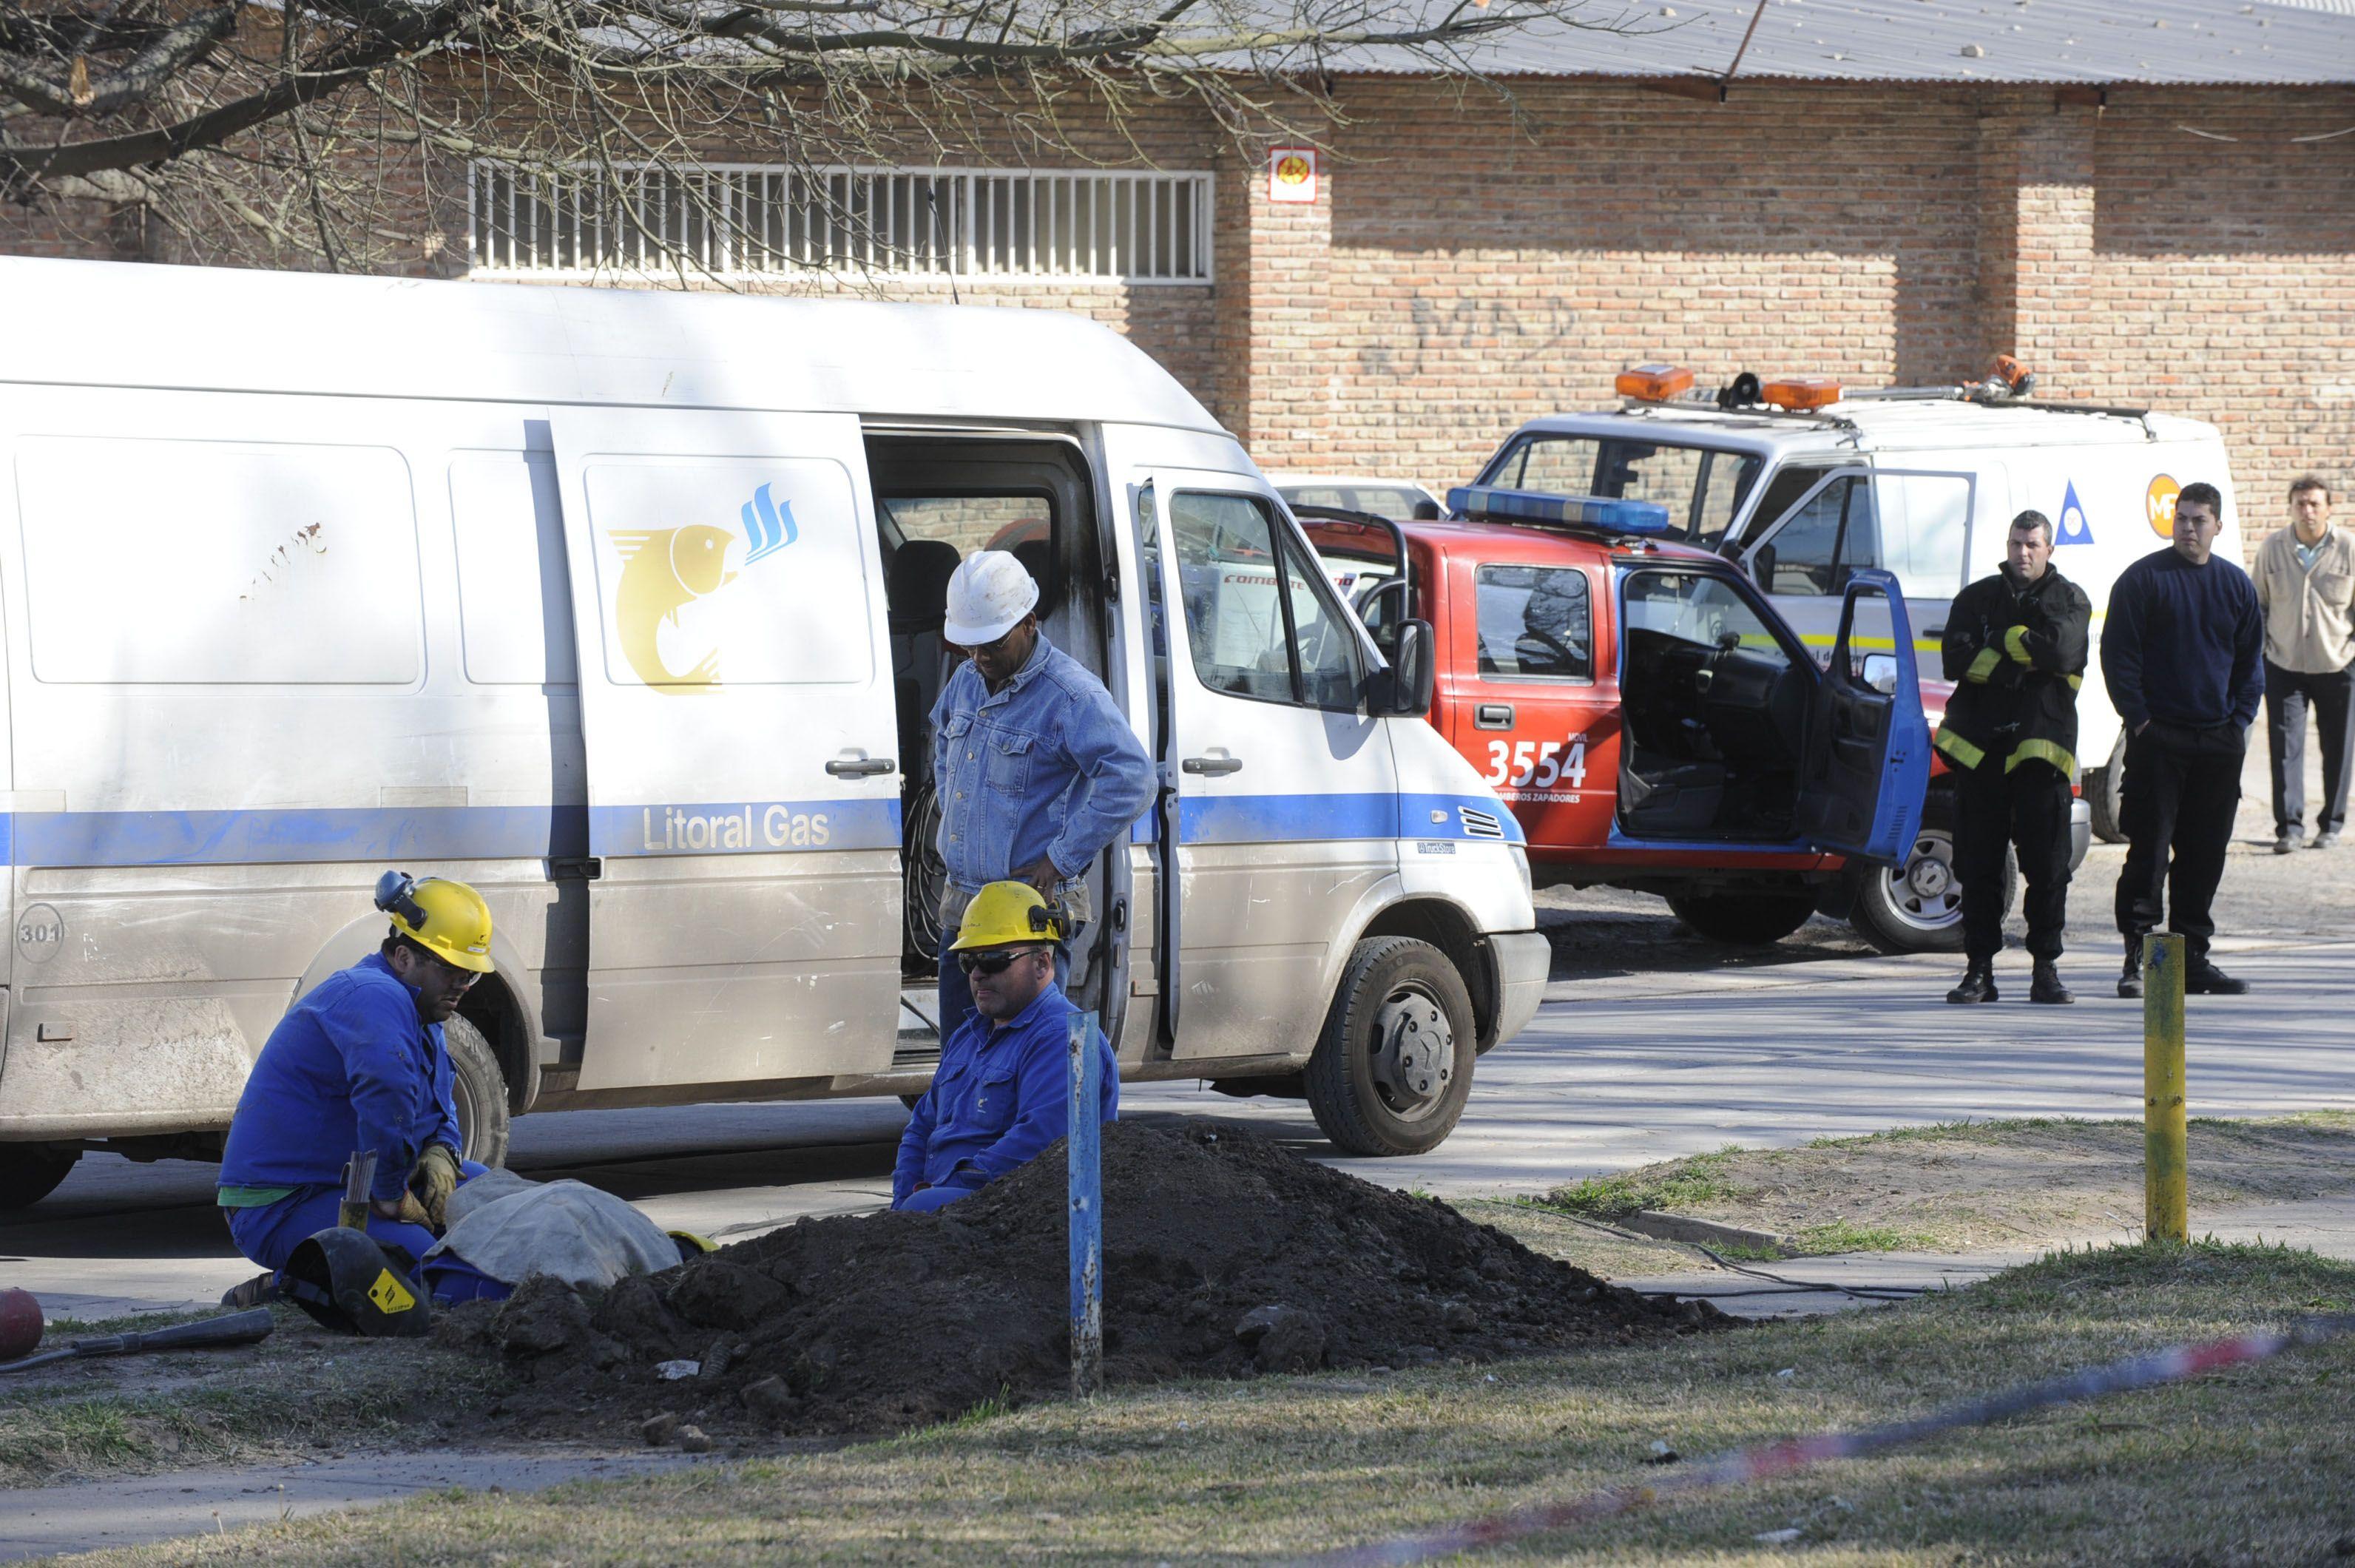 ¿Por otro paradigma? La calidad del servicio de gas viene siendo objetada por diversos sectores. (Foto: S. Toriggino)